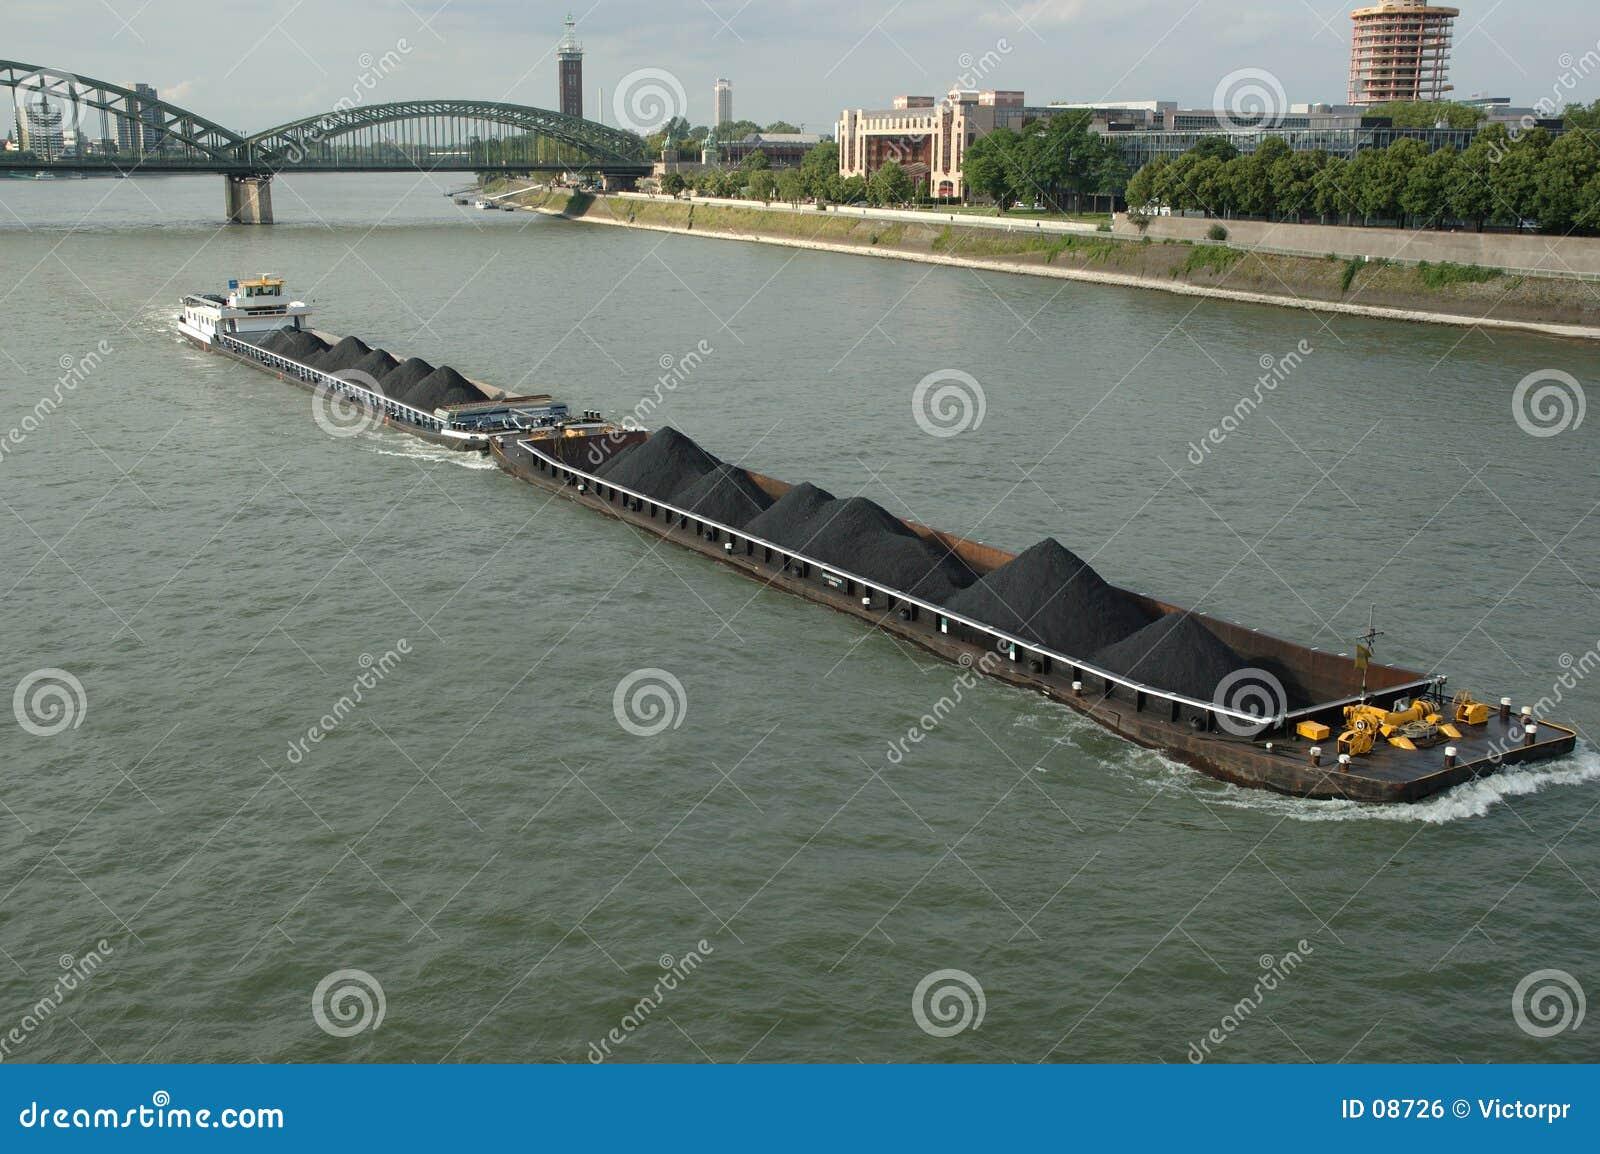 Boat on Rhein